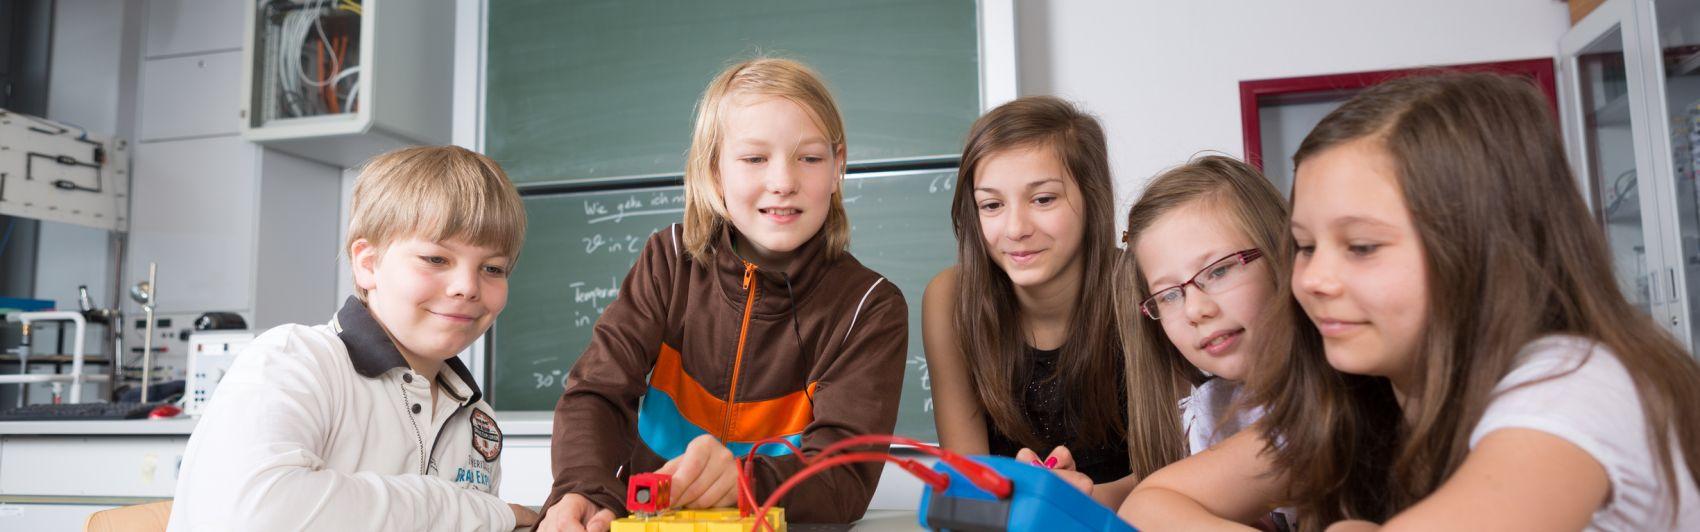 MINT-Förderung in der Schule